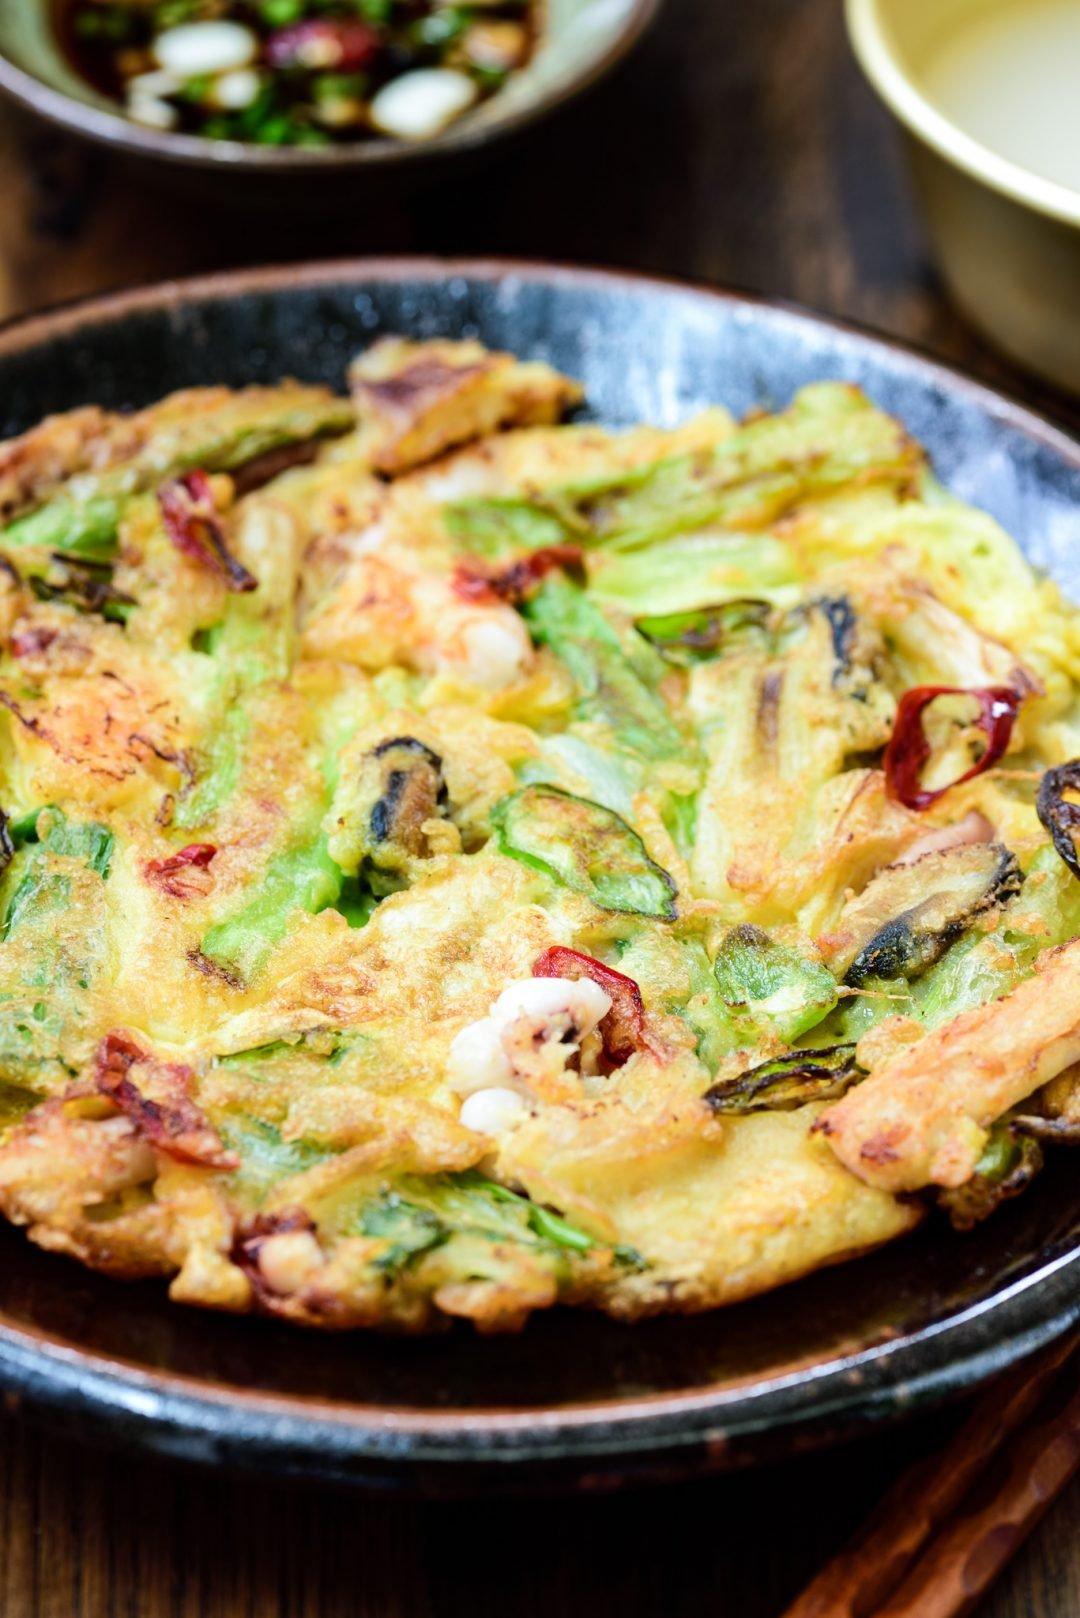 DSC3273 e1613669537769 - Haemul Pajeon (Seafood Scallion Pancake)